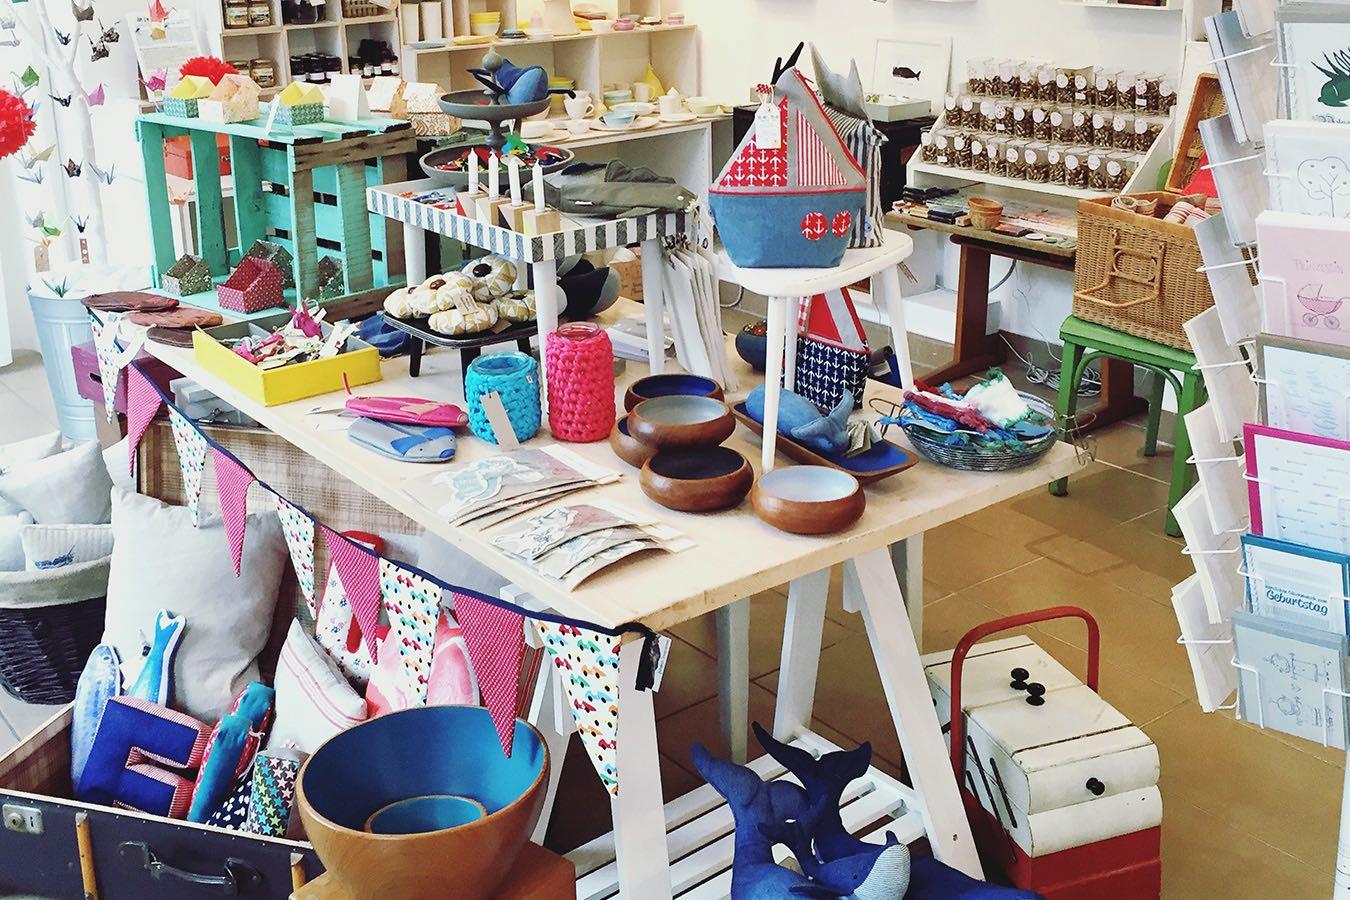 Makers: siebenmachen Atelierladen